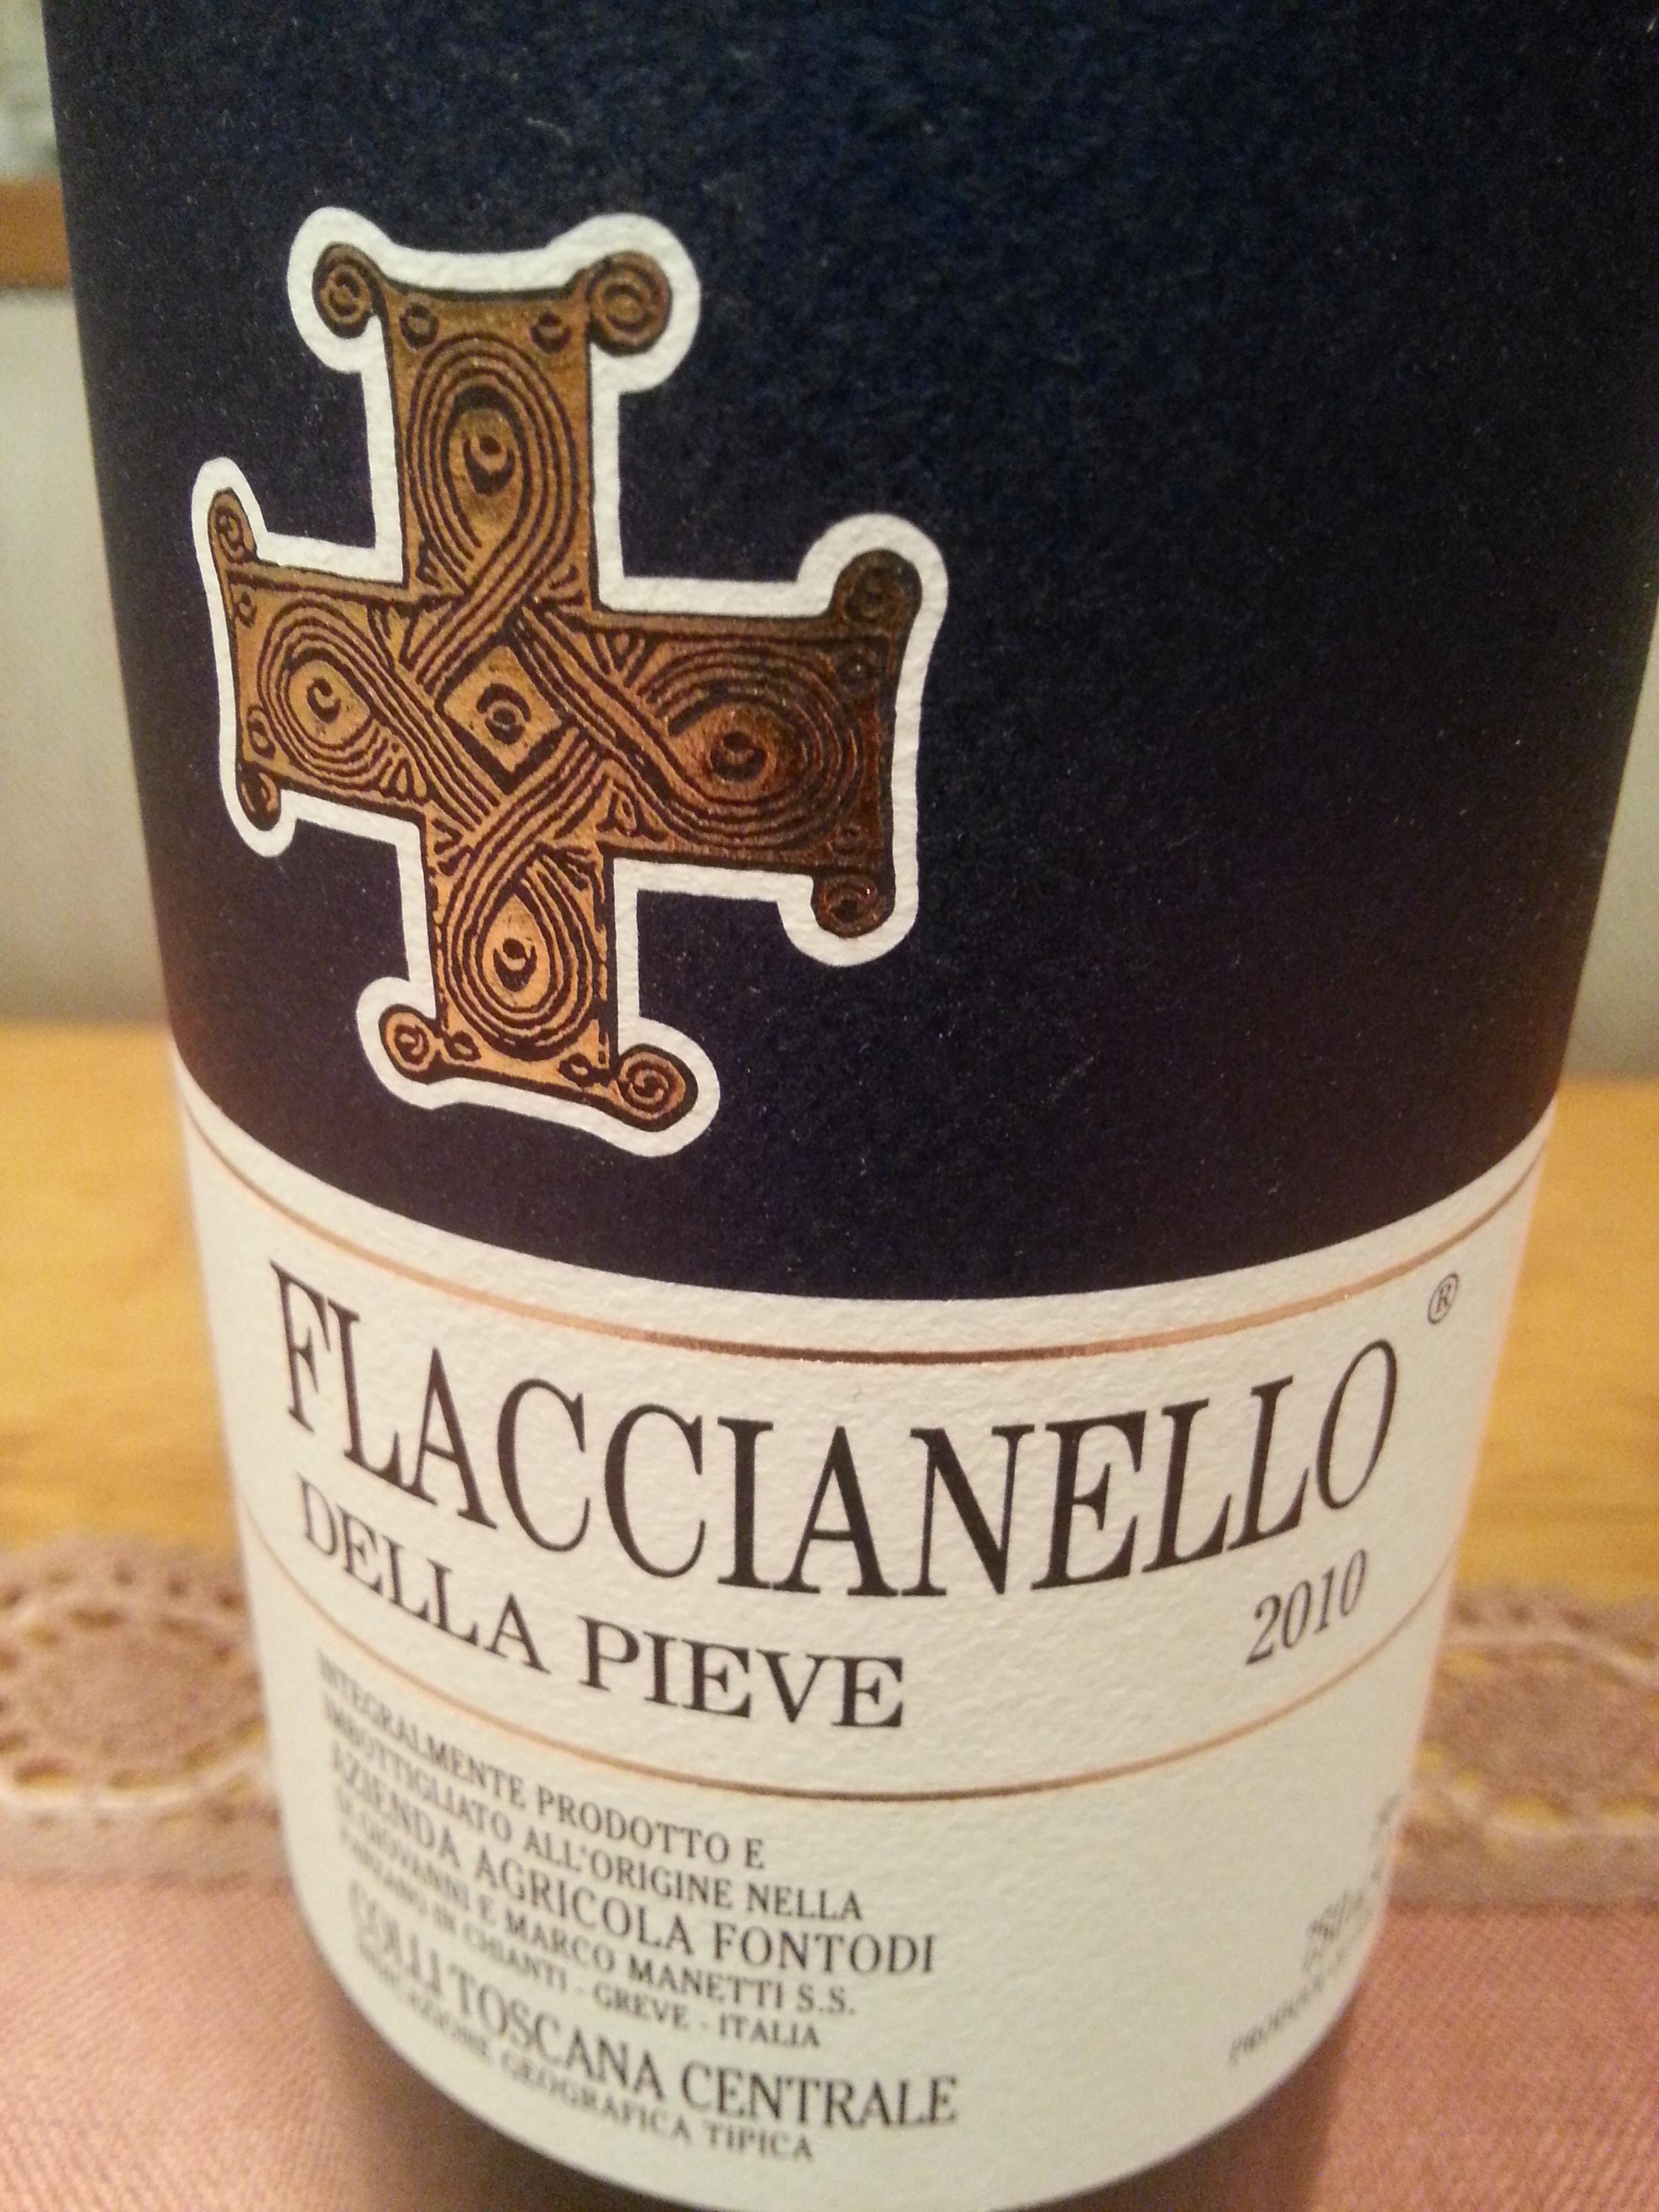 2010 Flaccianello | Fontodi